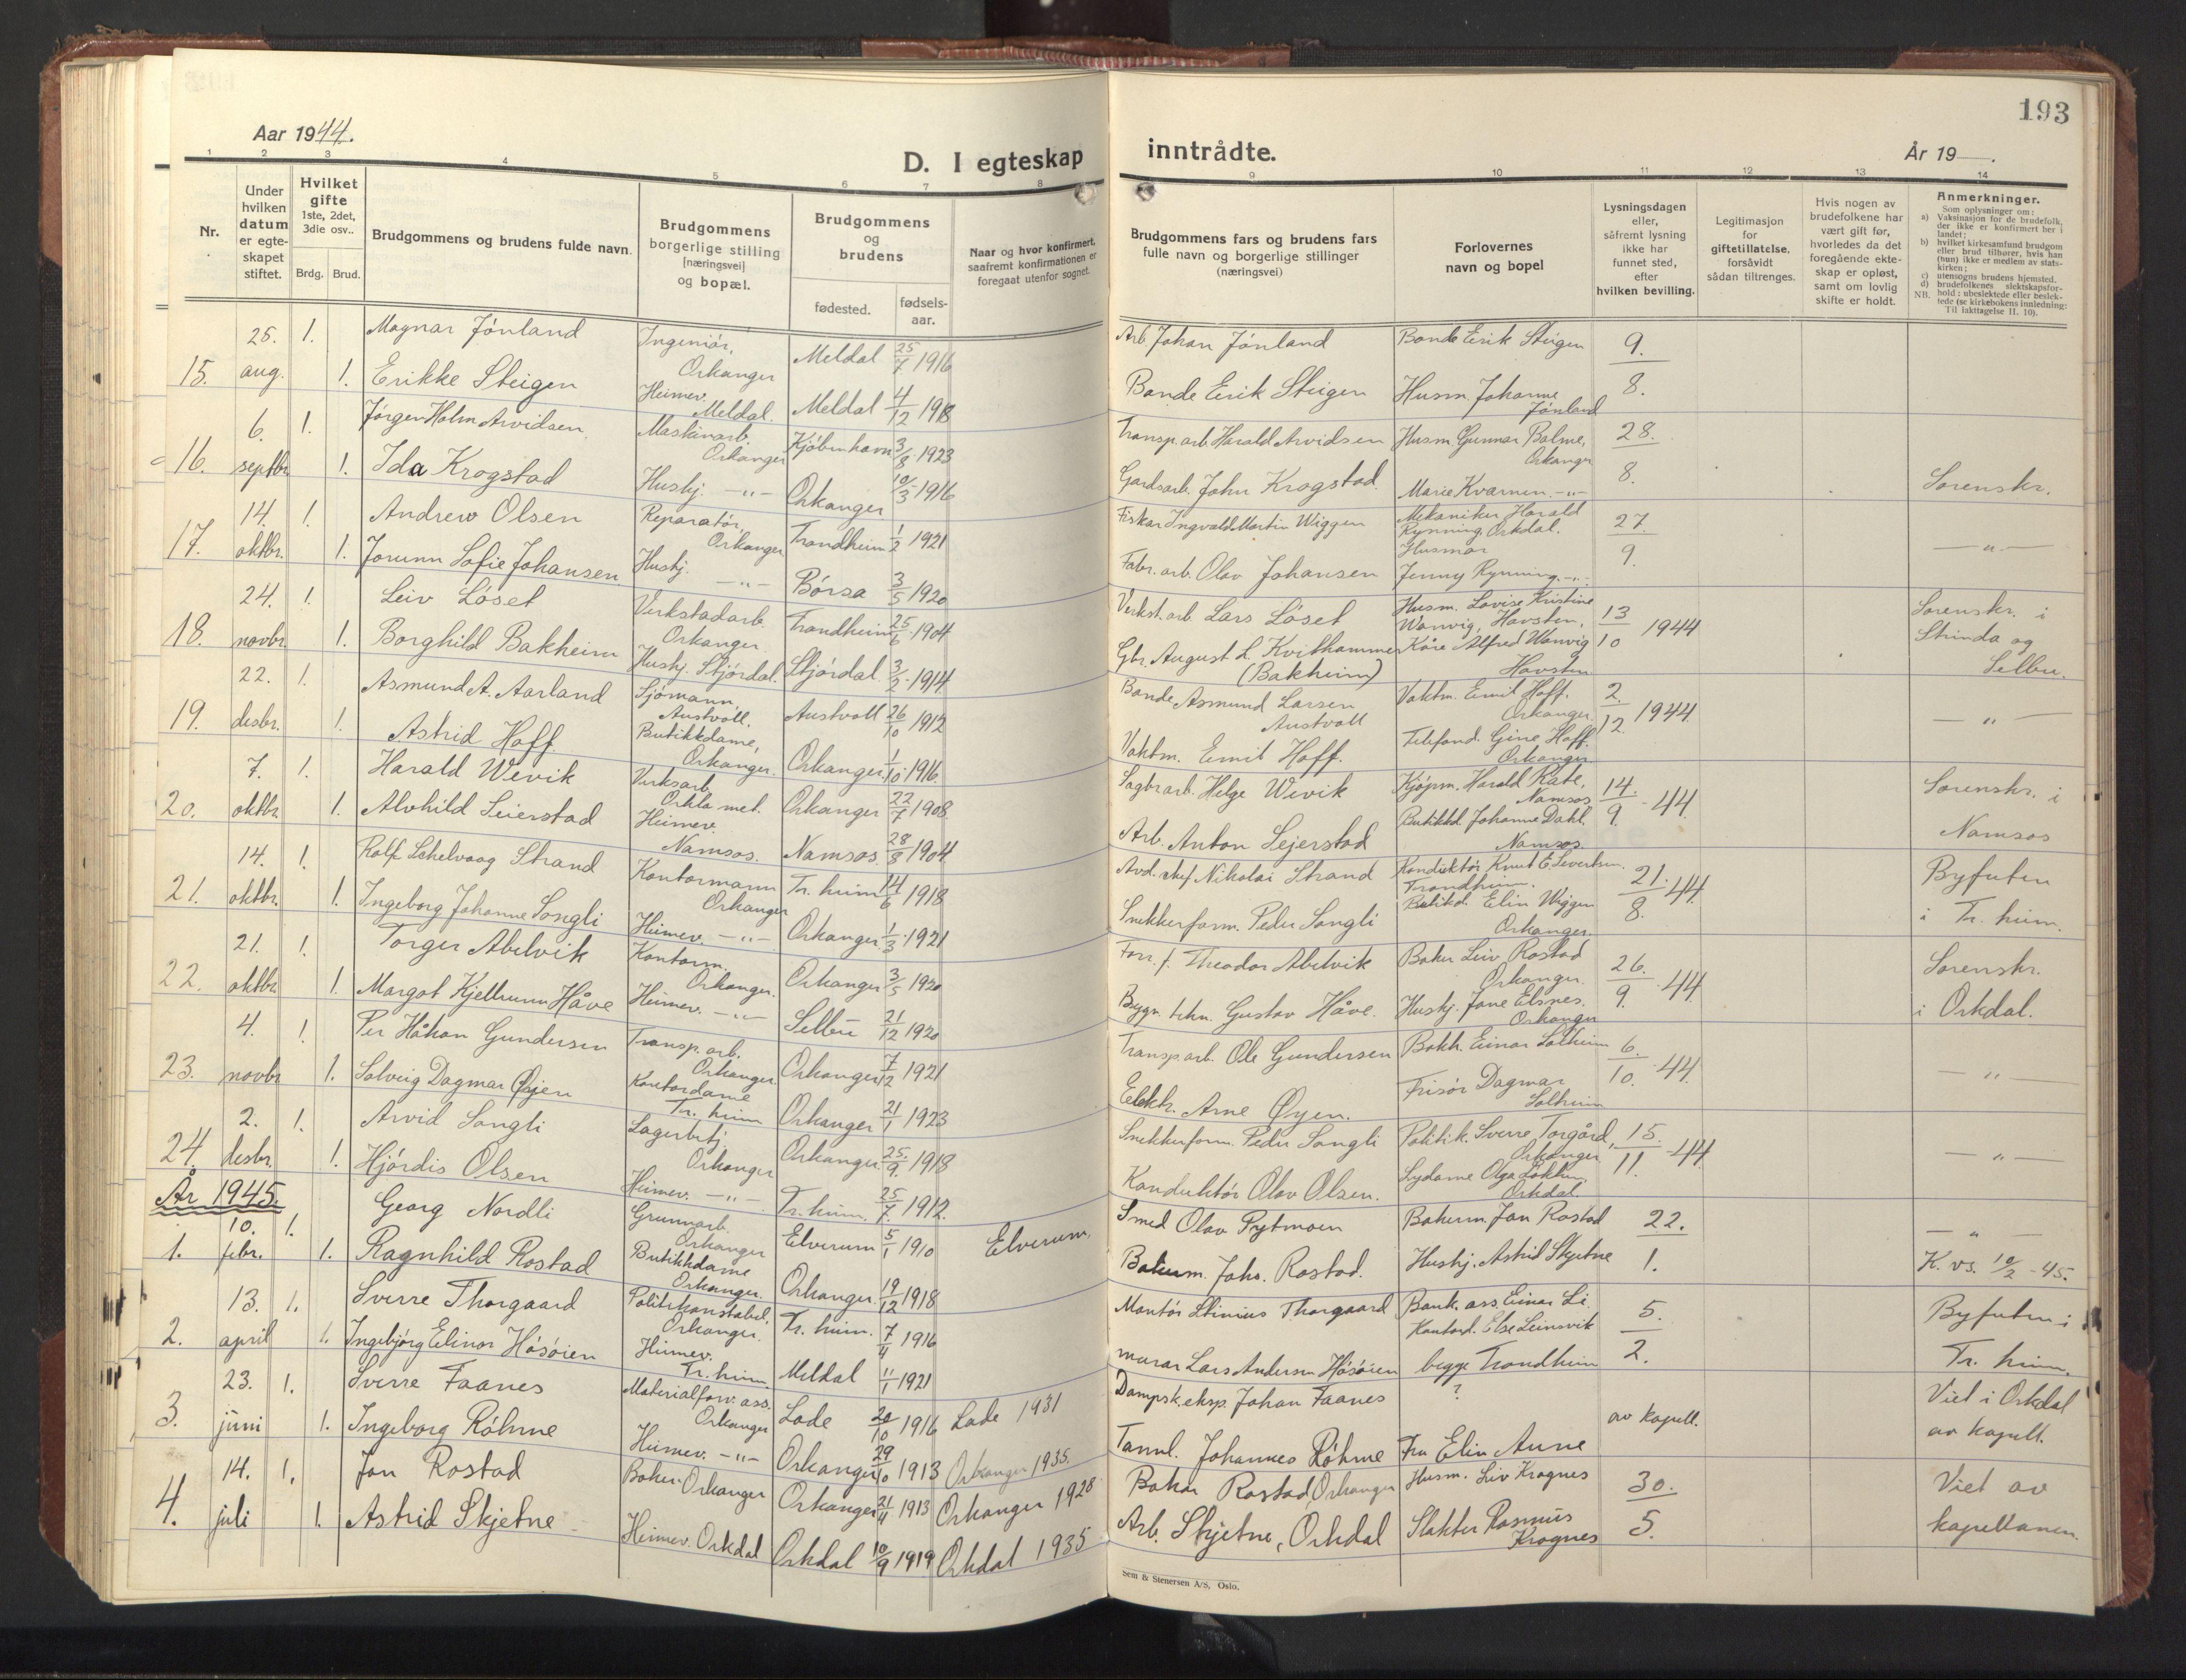 SAT, Ministerialprotokoller, klokkerbøker og fødselsregistre - Sør-Trøndelag, 669/L0832: Klokkerbok nr. 669C02, 1925-1953, s. 193